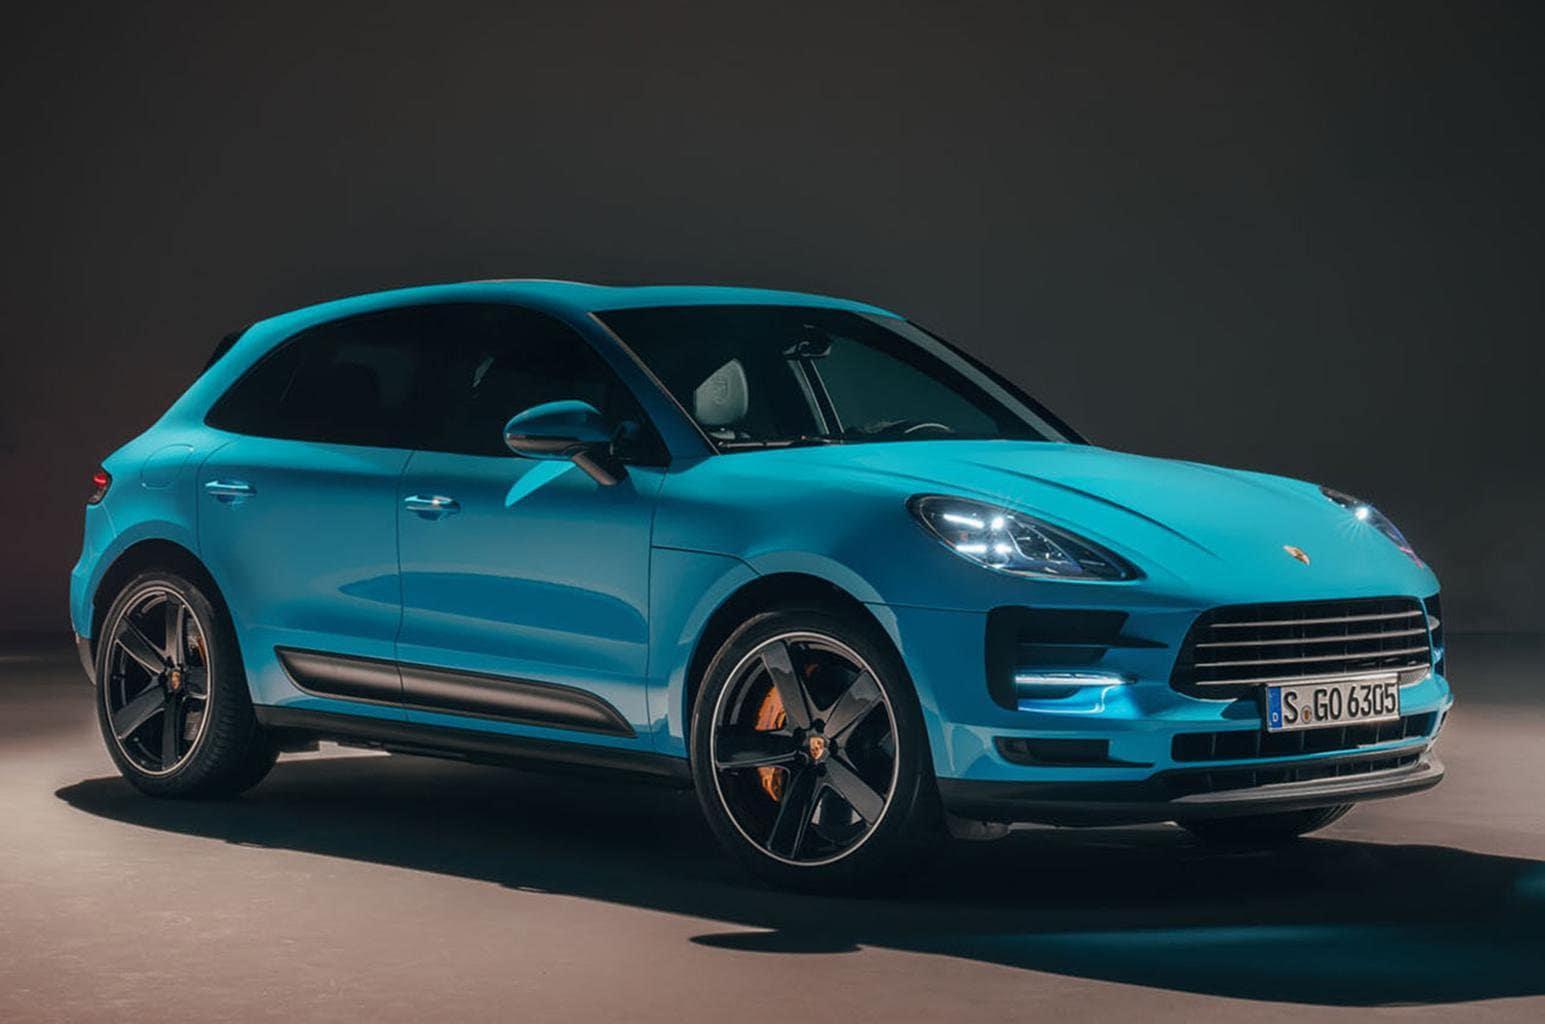 2019 Porsche Macan Side View